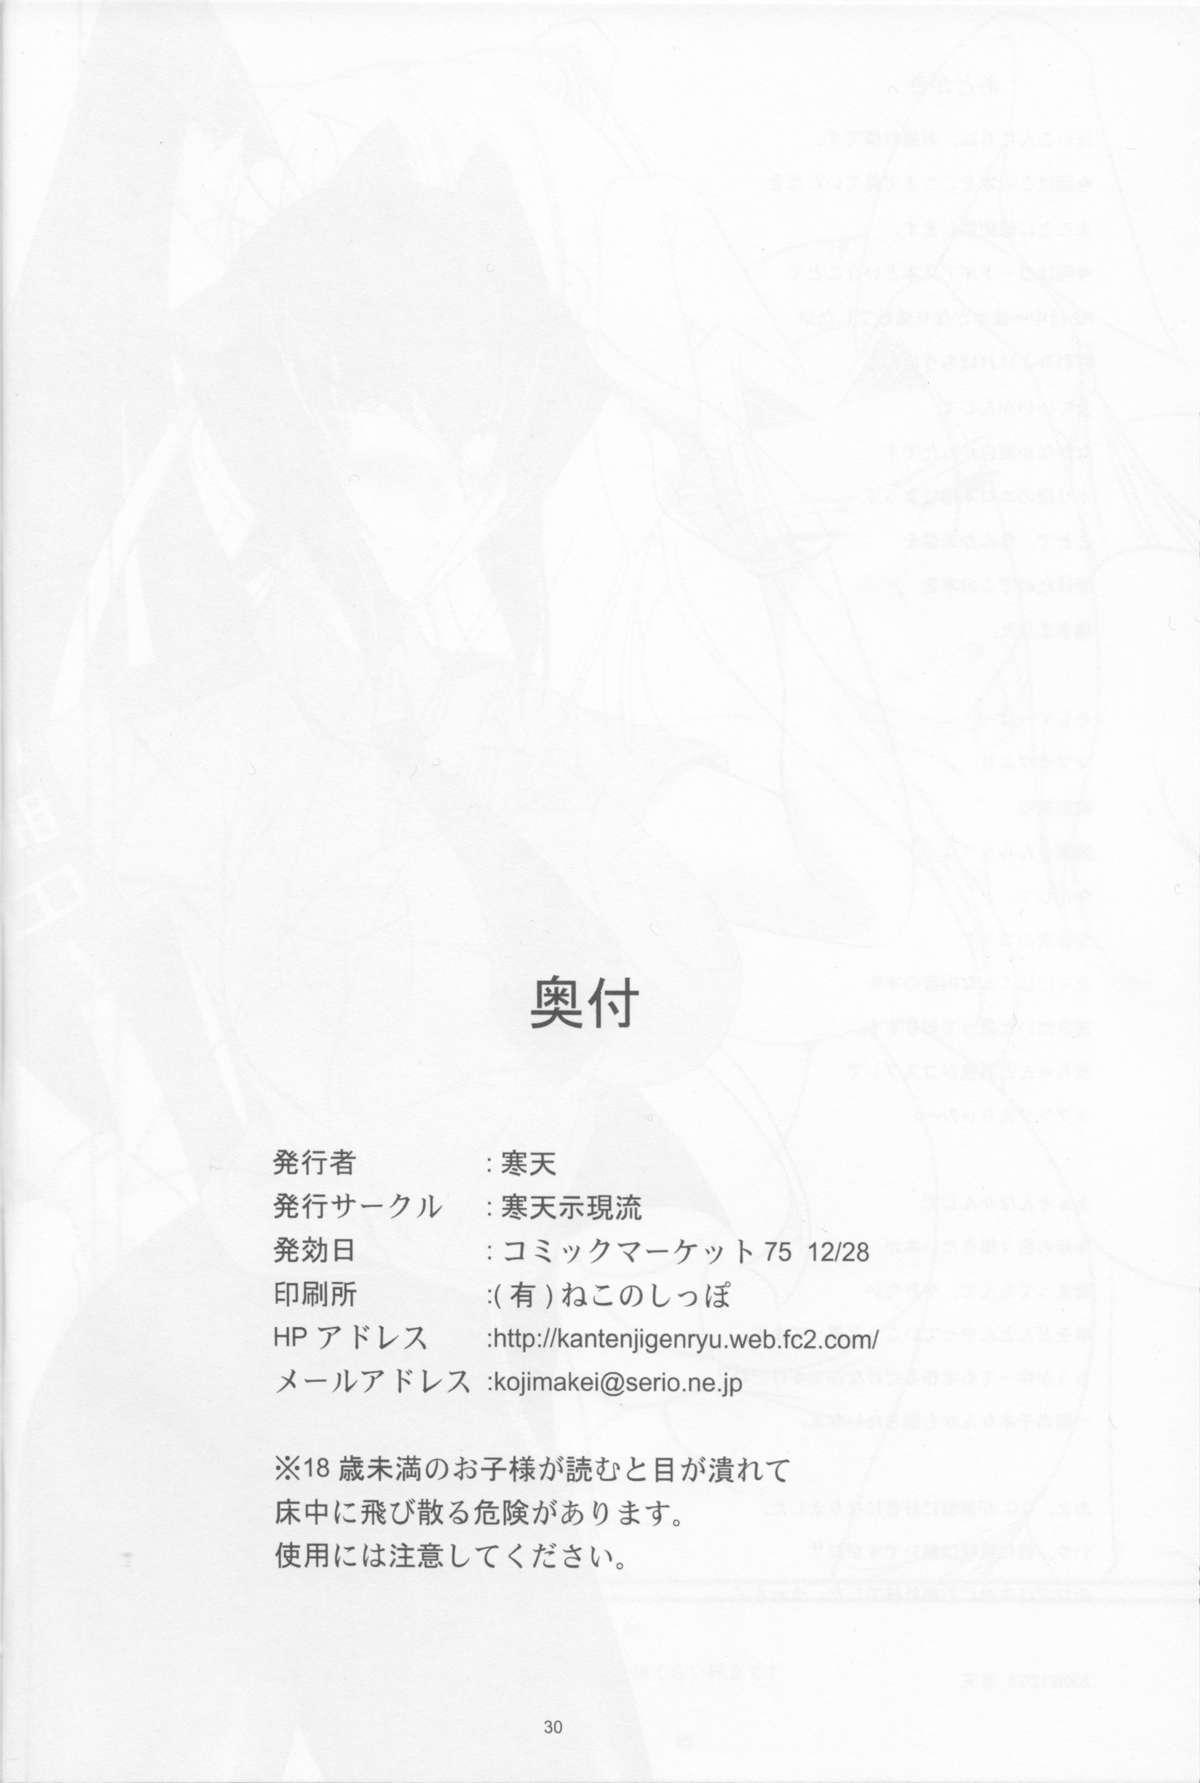 NichiBri PERFECT Nyuukou Jouyaku 1.0 28